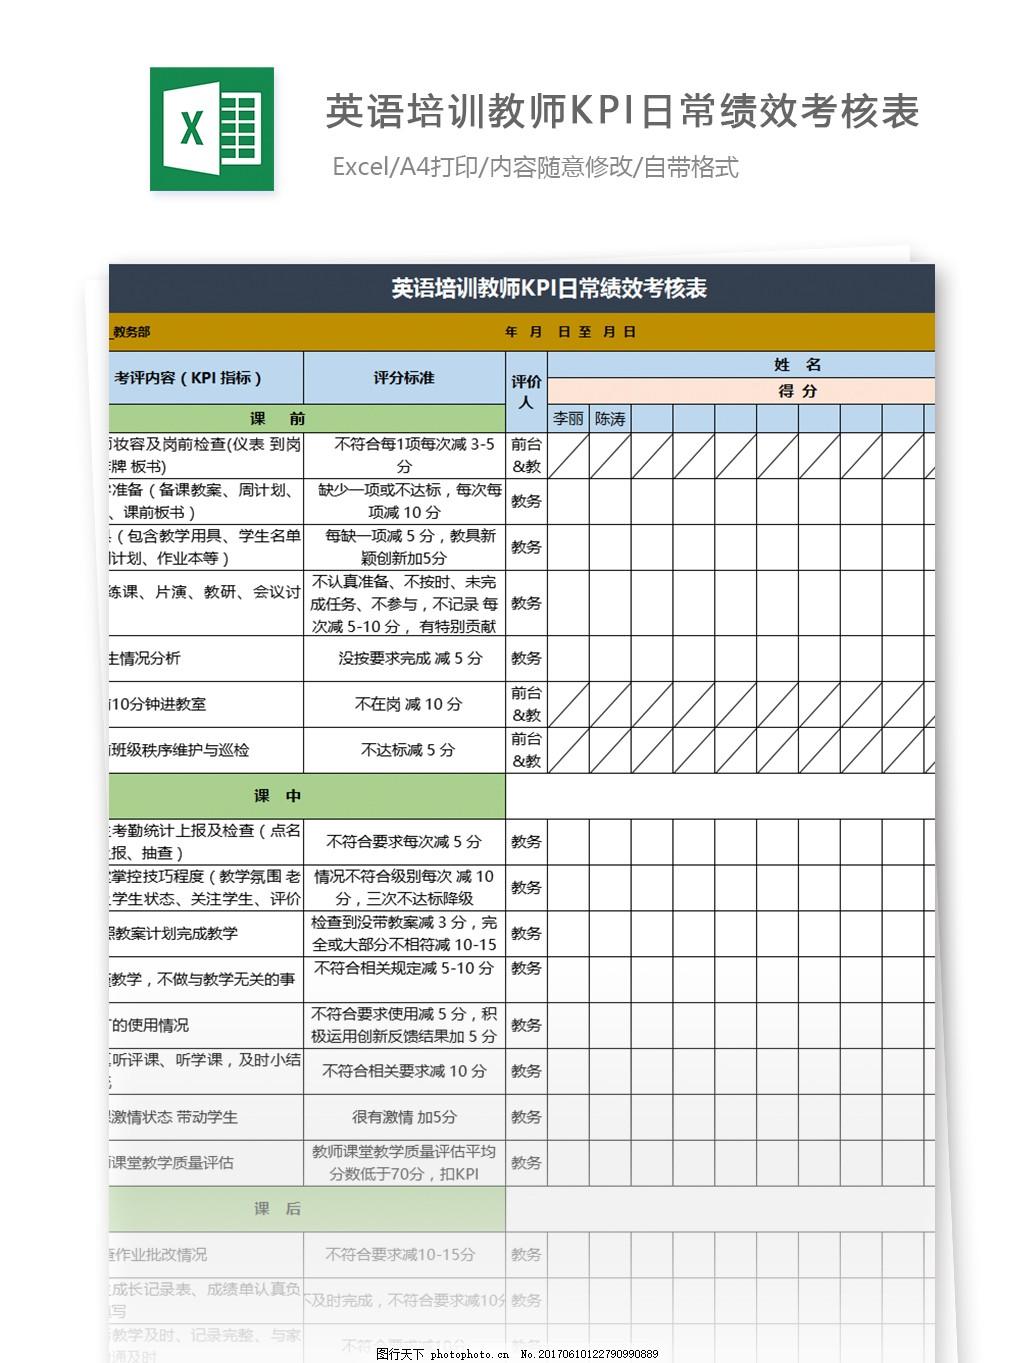 客服部kpi考核表_设计部门kpi_设计部门kpi分享展示